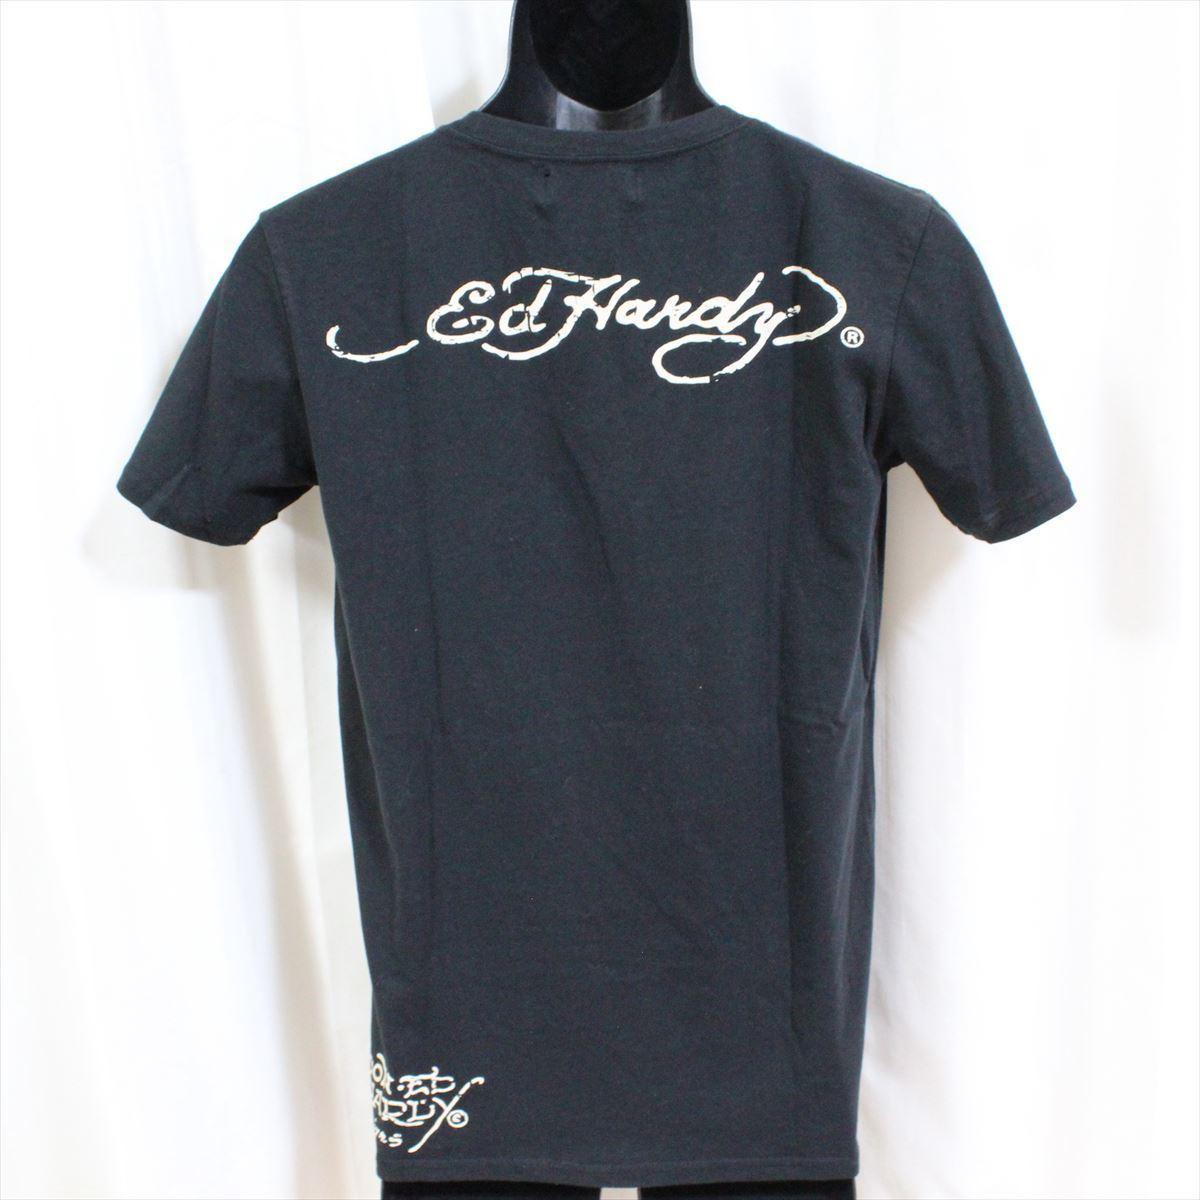 エドハーディー ED HARDY メンズ半袖Tシャツ ブラック Mサイズ NO18 新品 NEW YORK CITY_画像4